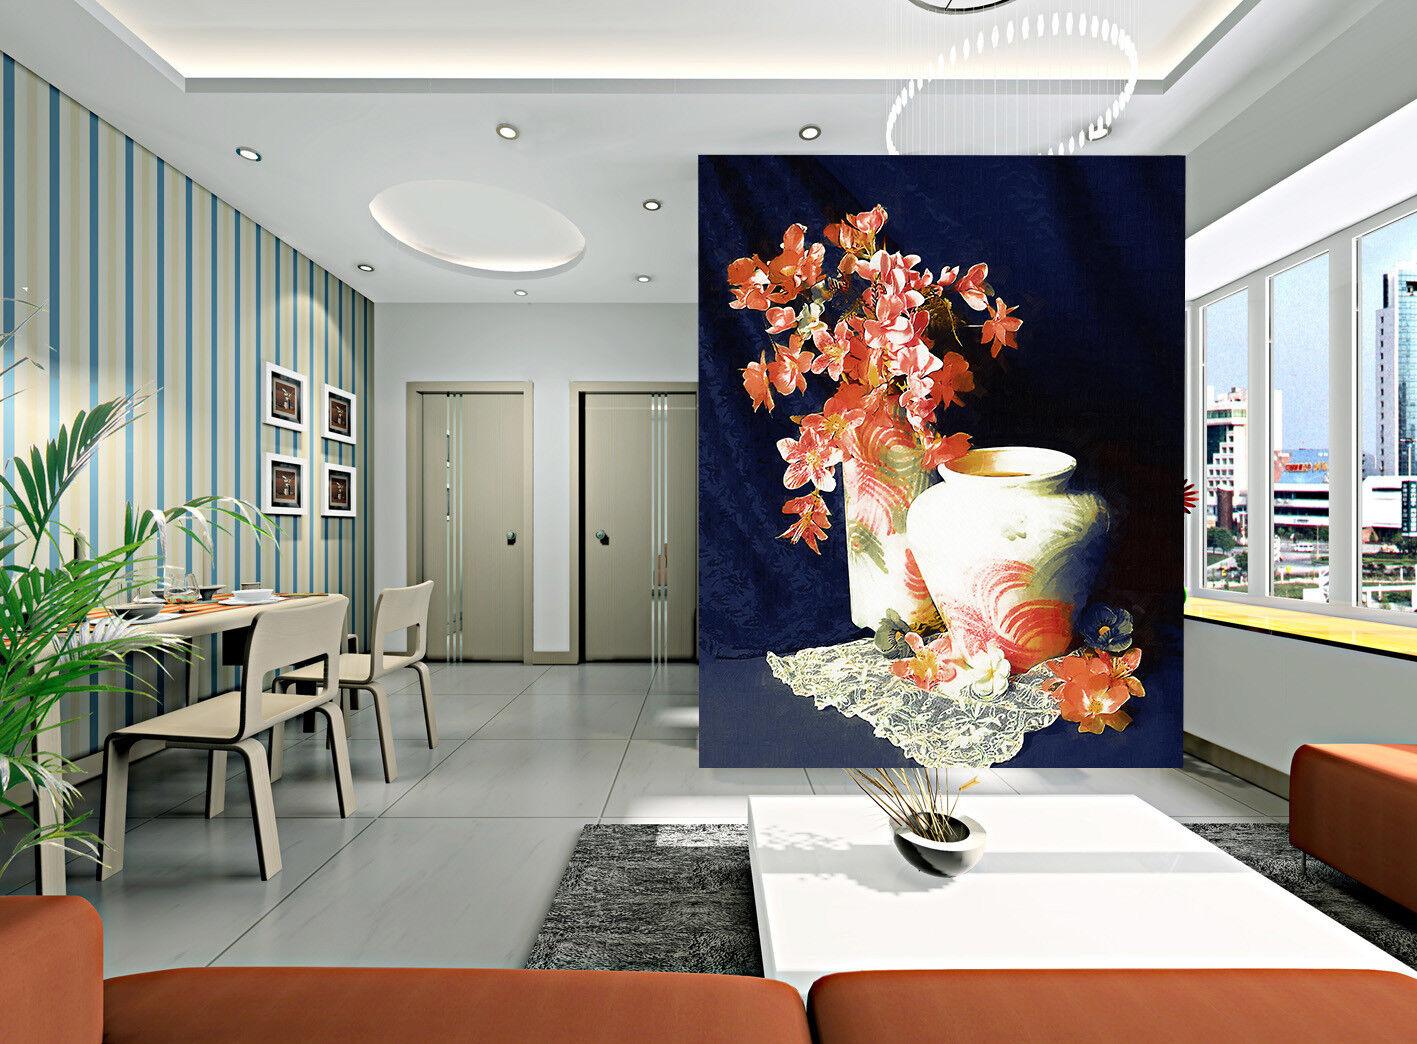 3D Keramik Rosa Blaumen 74 Tapete Wandgemälde Wandgemälde Wandgemälde Tapete Tapeten Bild Familie DE | Überlegen  | Angenehmes Gefühl  | Geeignet für Farbe  1c4a75